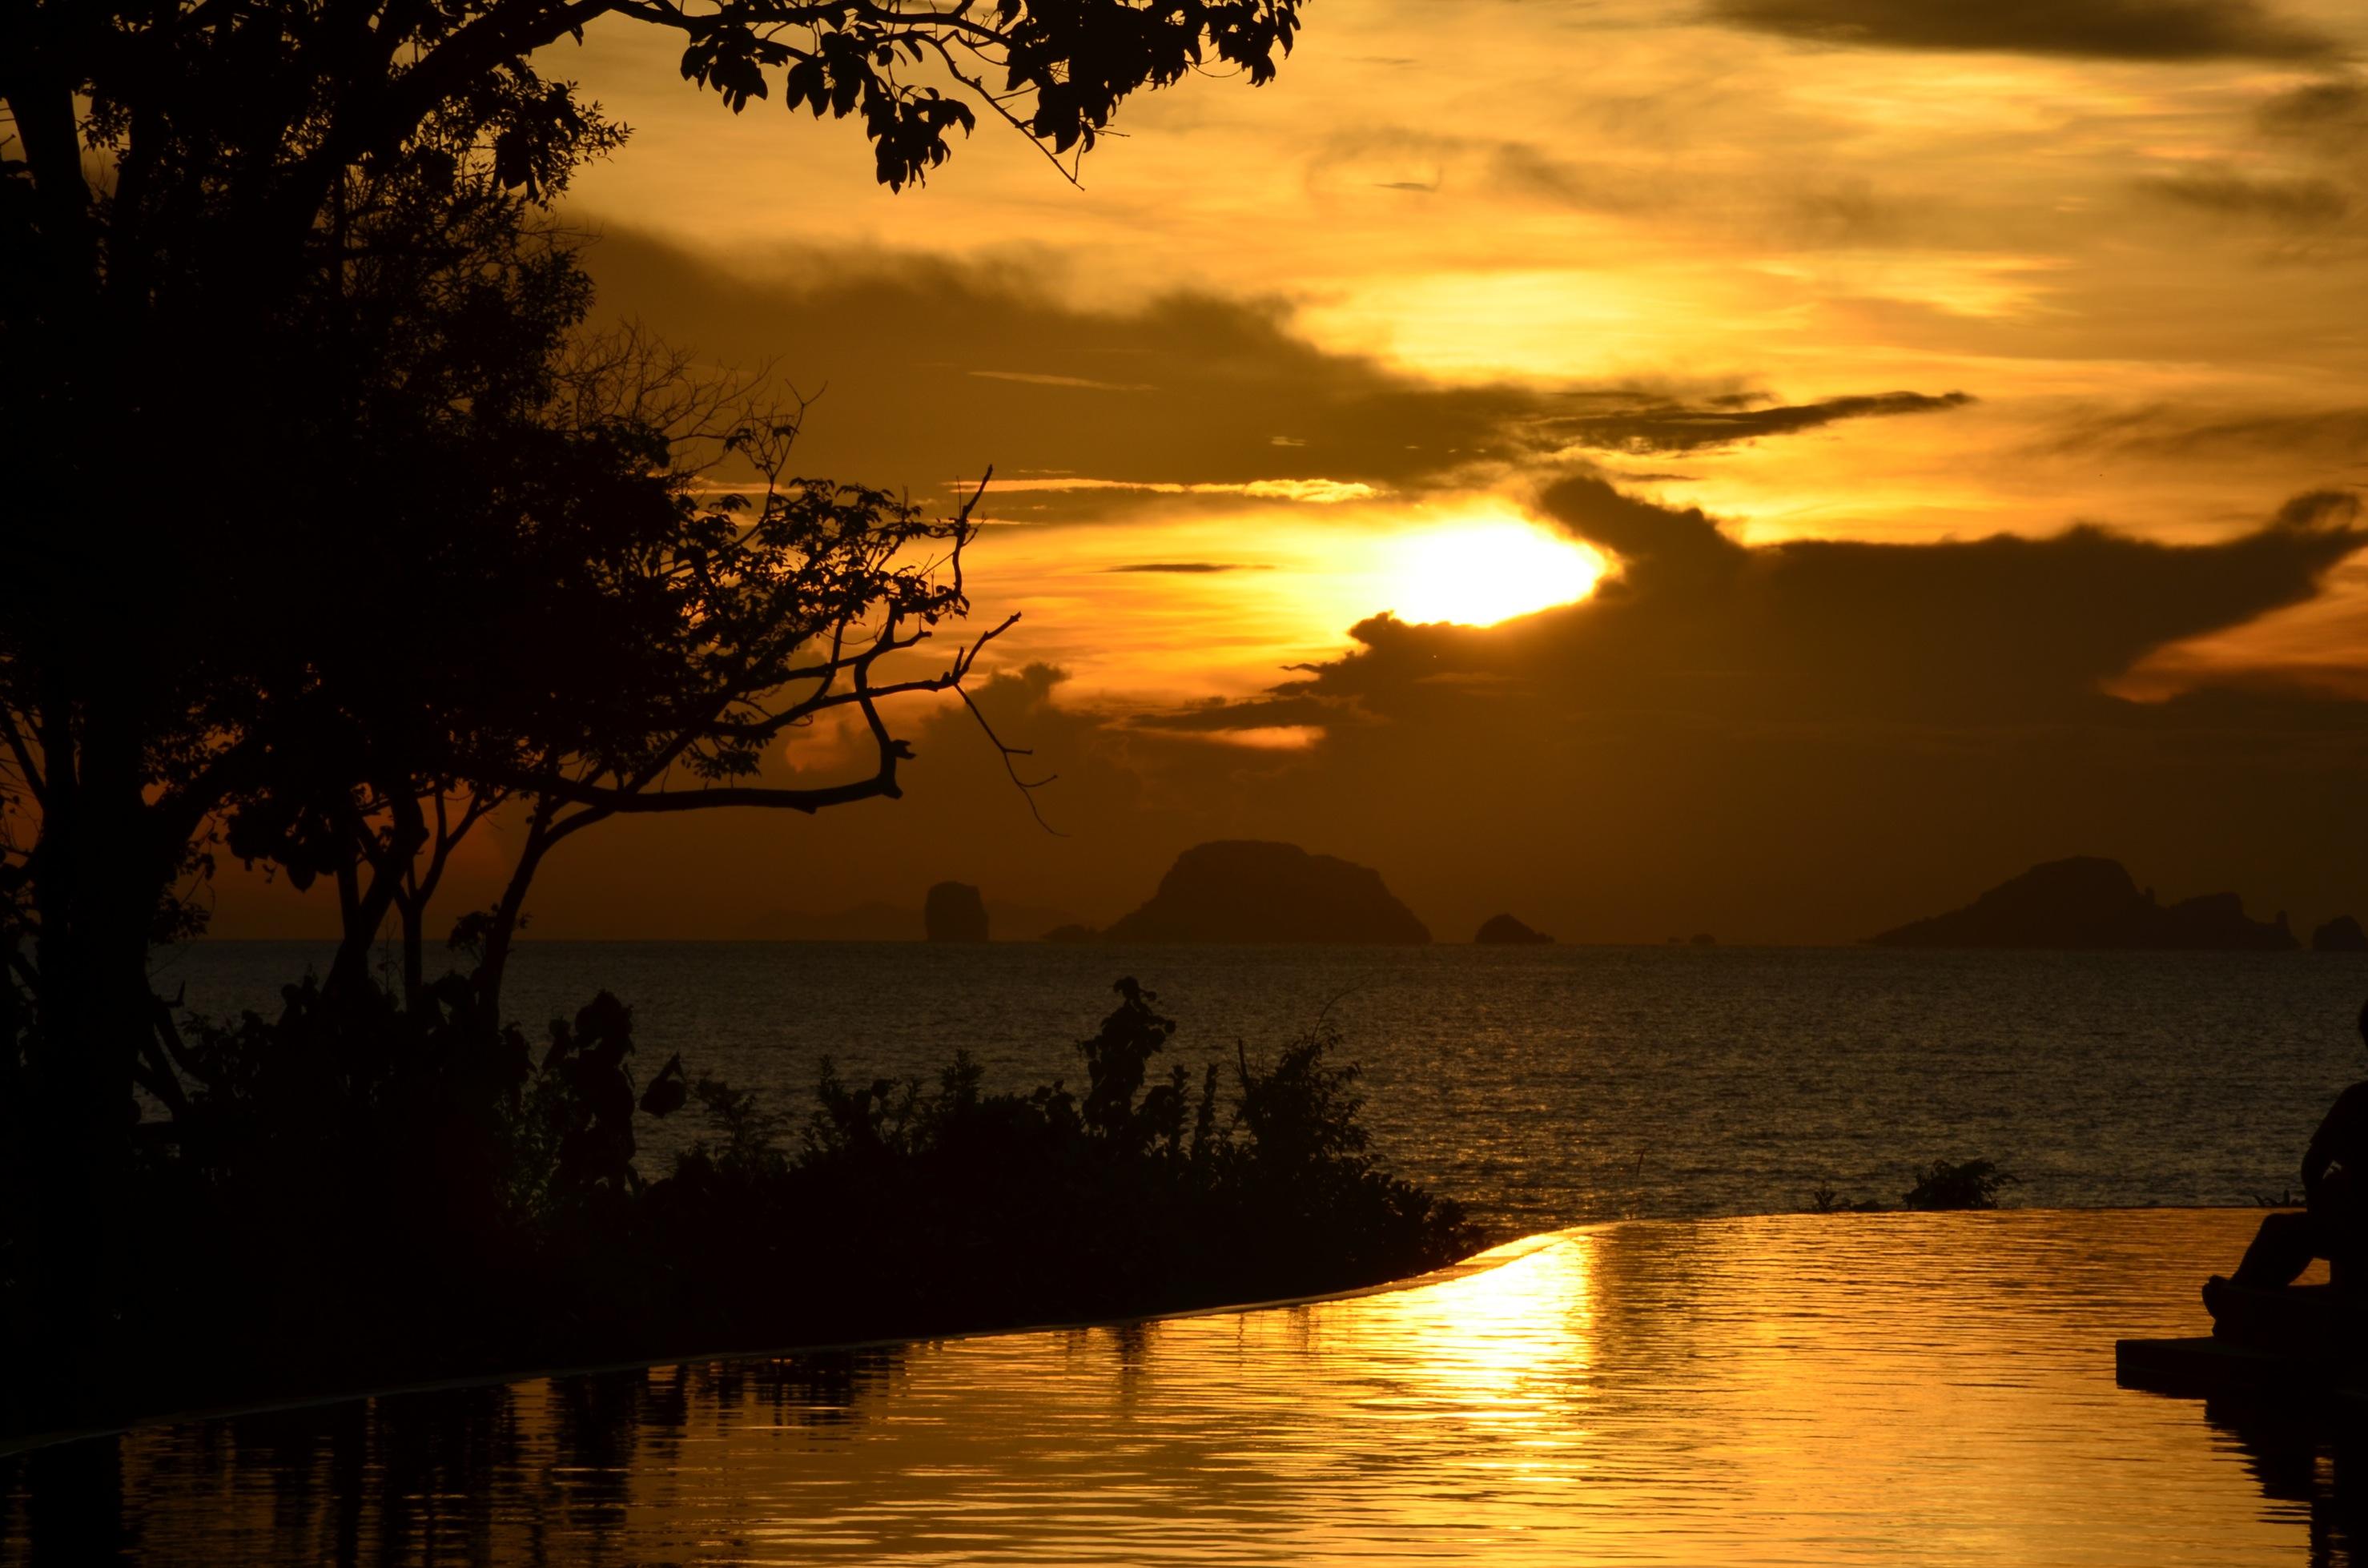 Der magischste Sonnenaufgang, den ich je gesehen habe - auf Koh Yao Yai